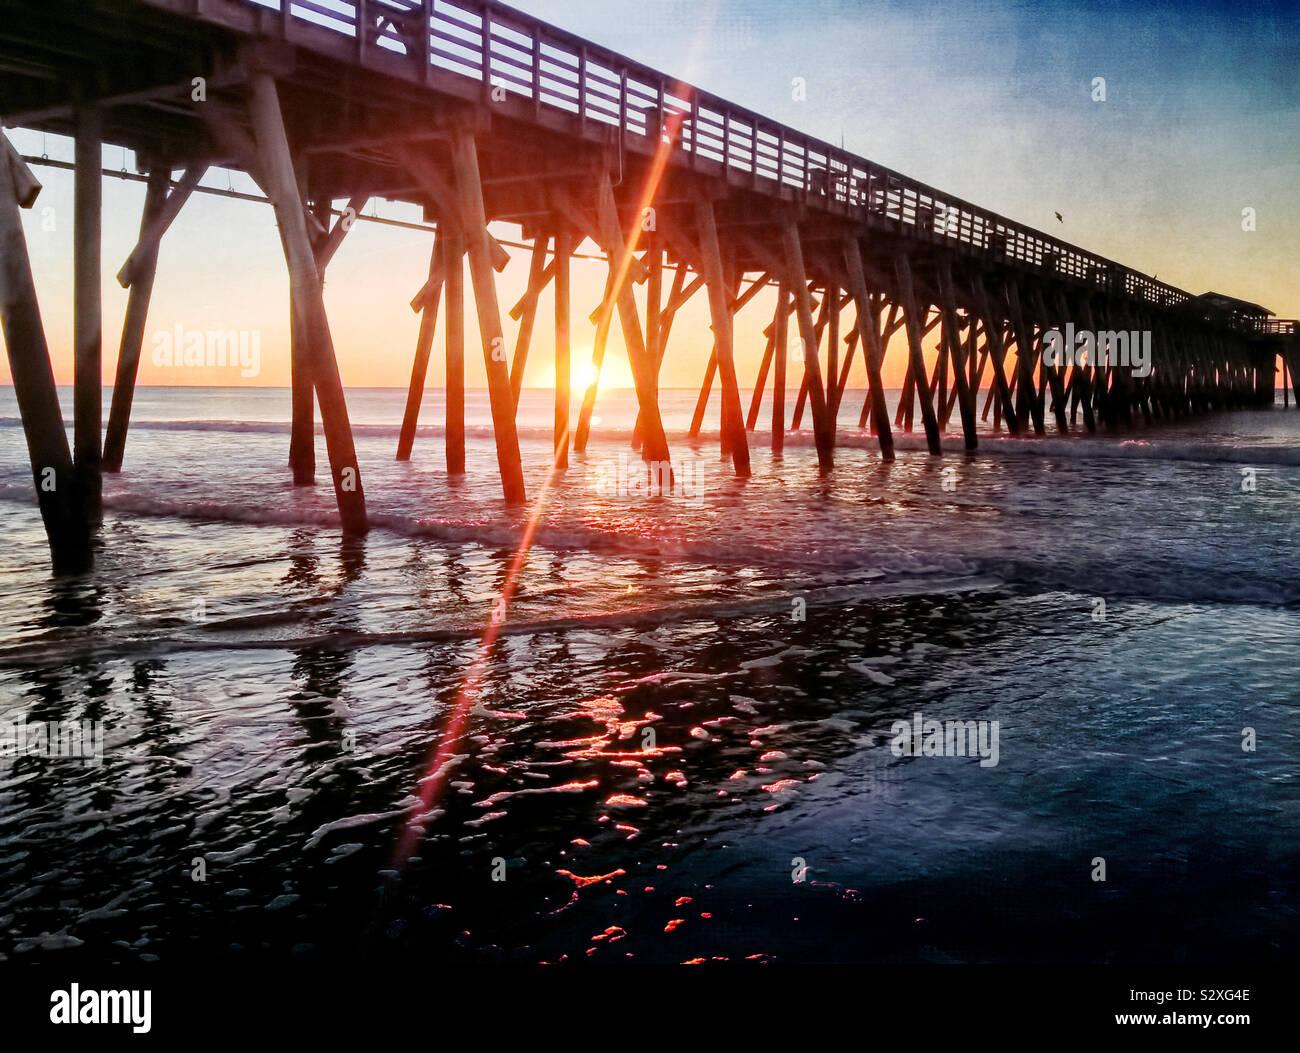 Sonnenaufgang hinter einem Pier in Myrtle Beach, South Carolina. Die hellen Lichtreflexionen von der aufgehenden Sonne schafft visuelles Interesse. Stockfoto